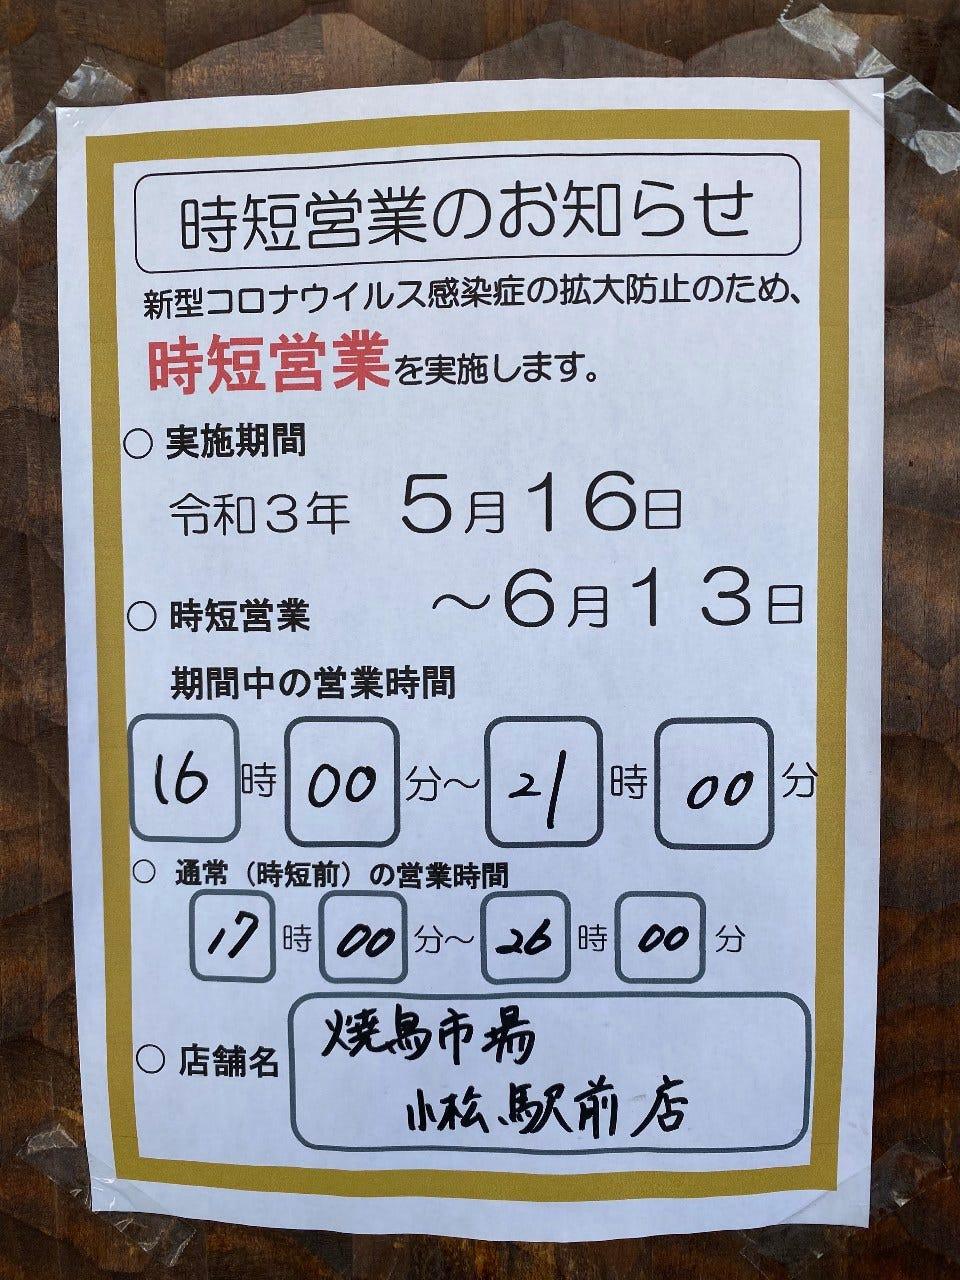 焼鳥市場 小松駅前店